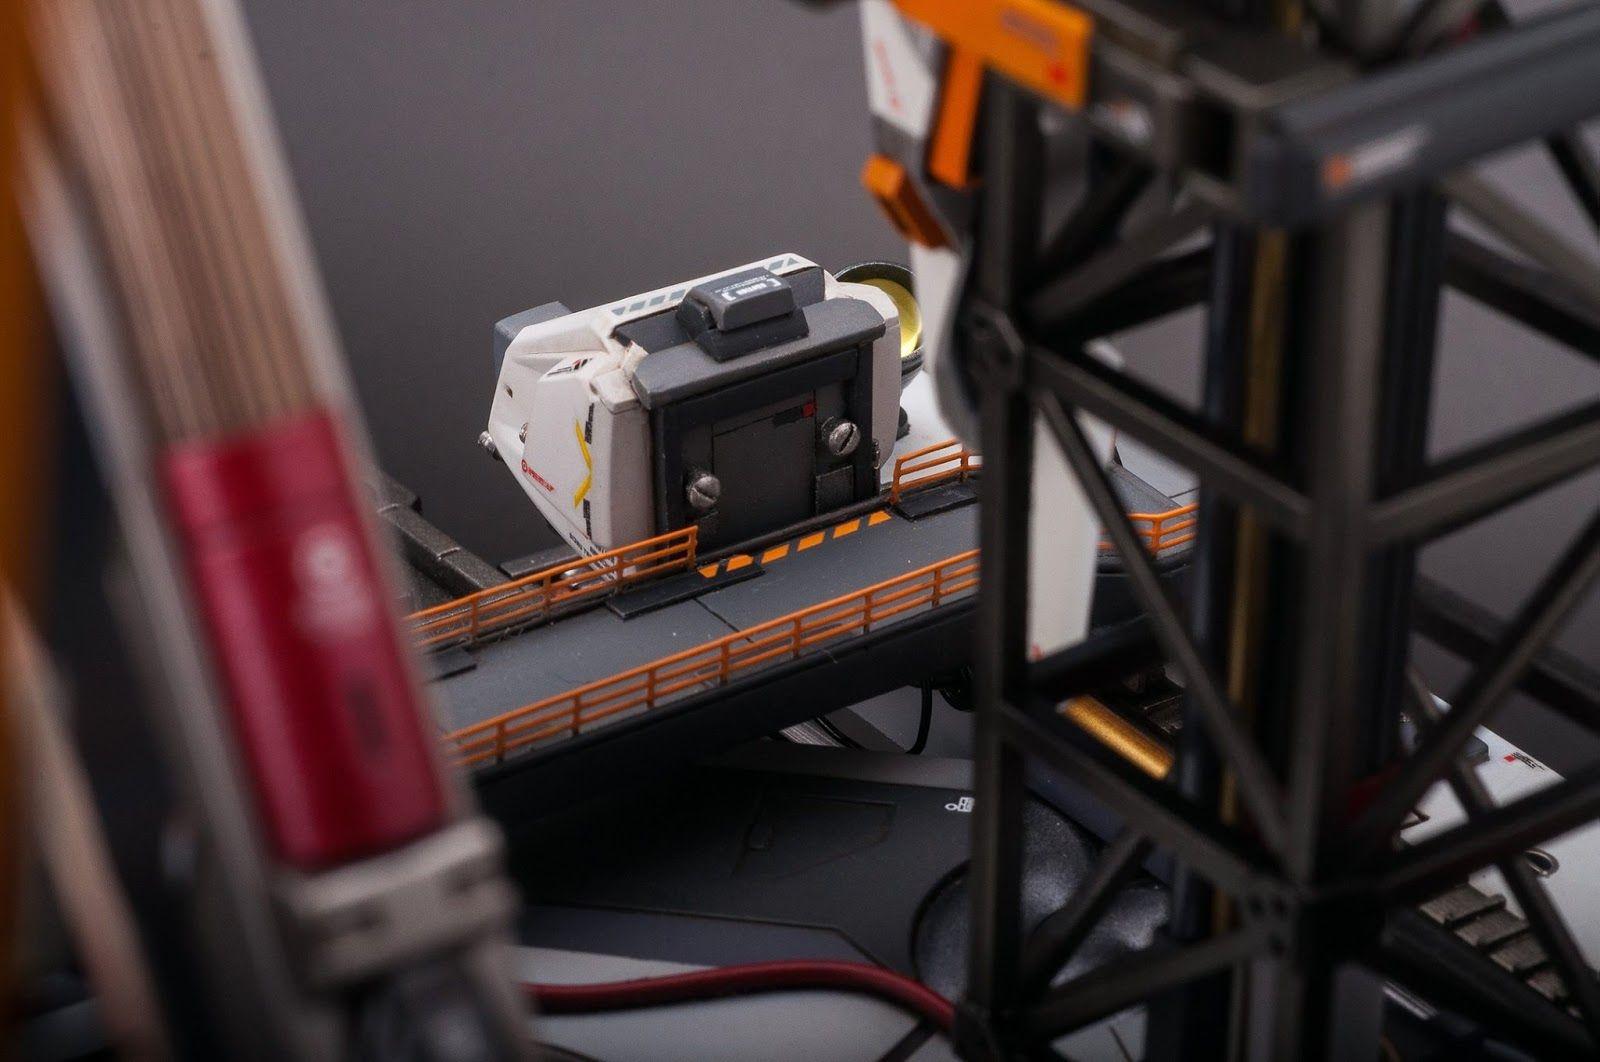 GUNDAM GUY: A.O.Z RX-124 GUMDAM TR6 [Wondwart] - Diorama Build